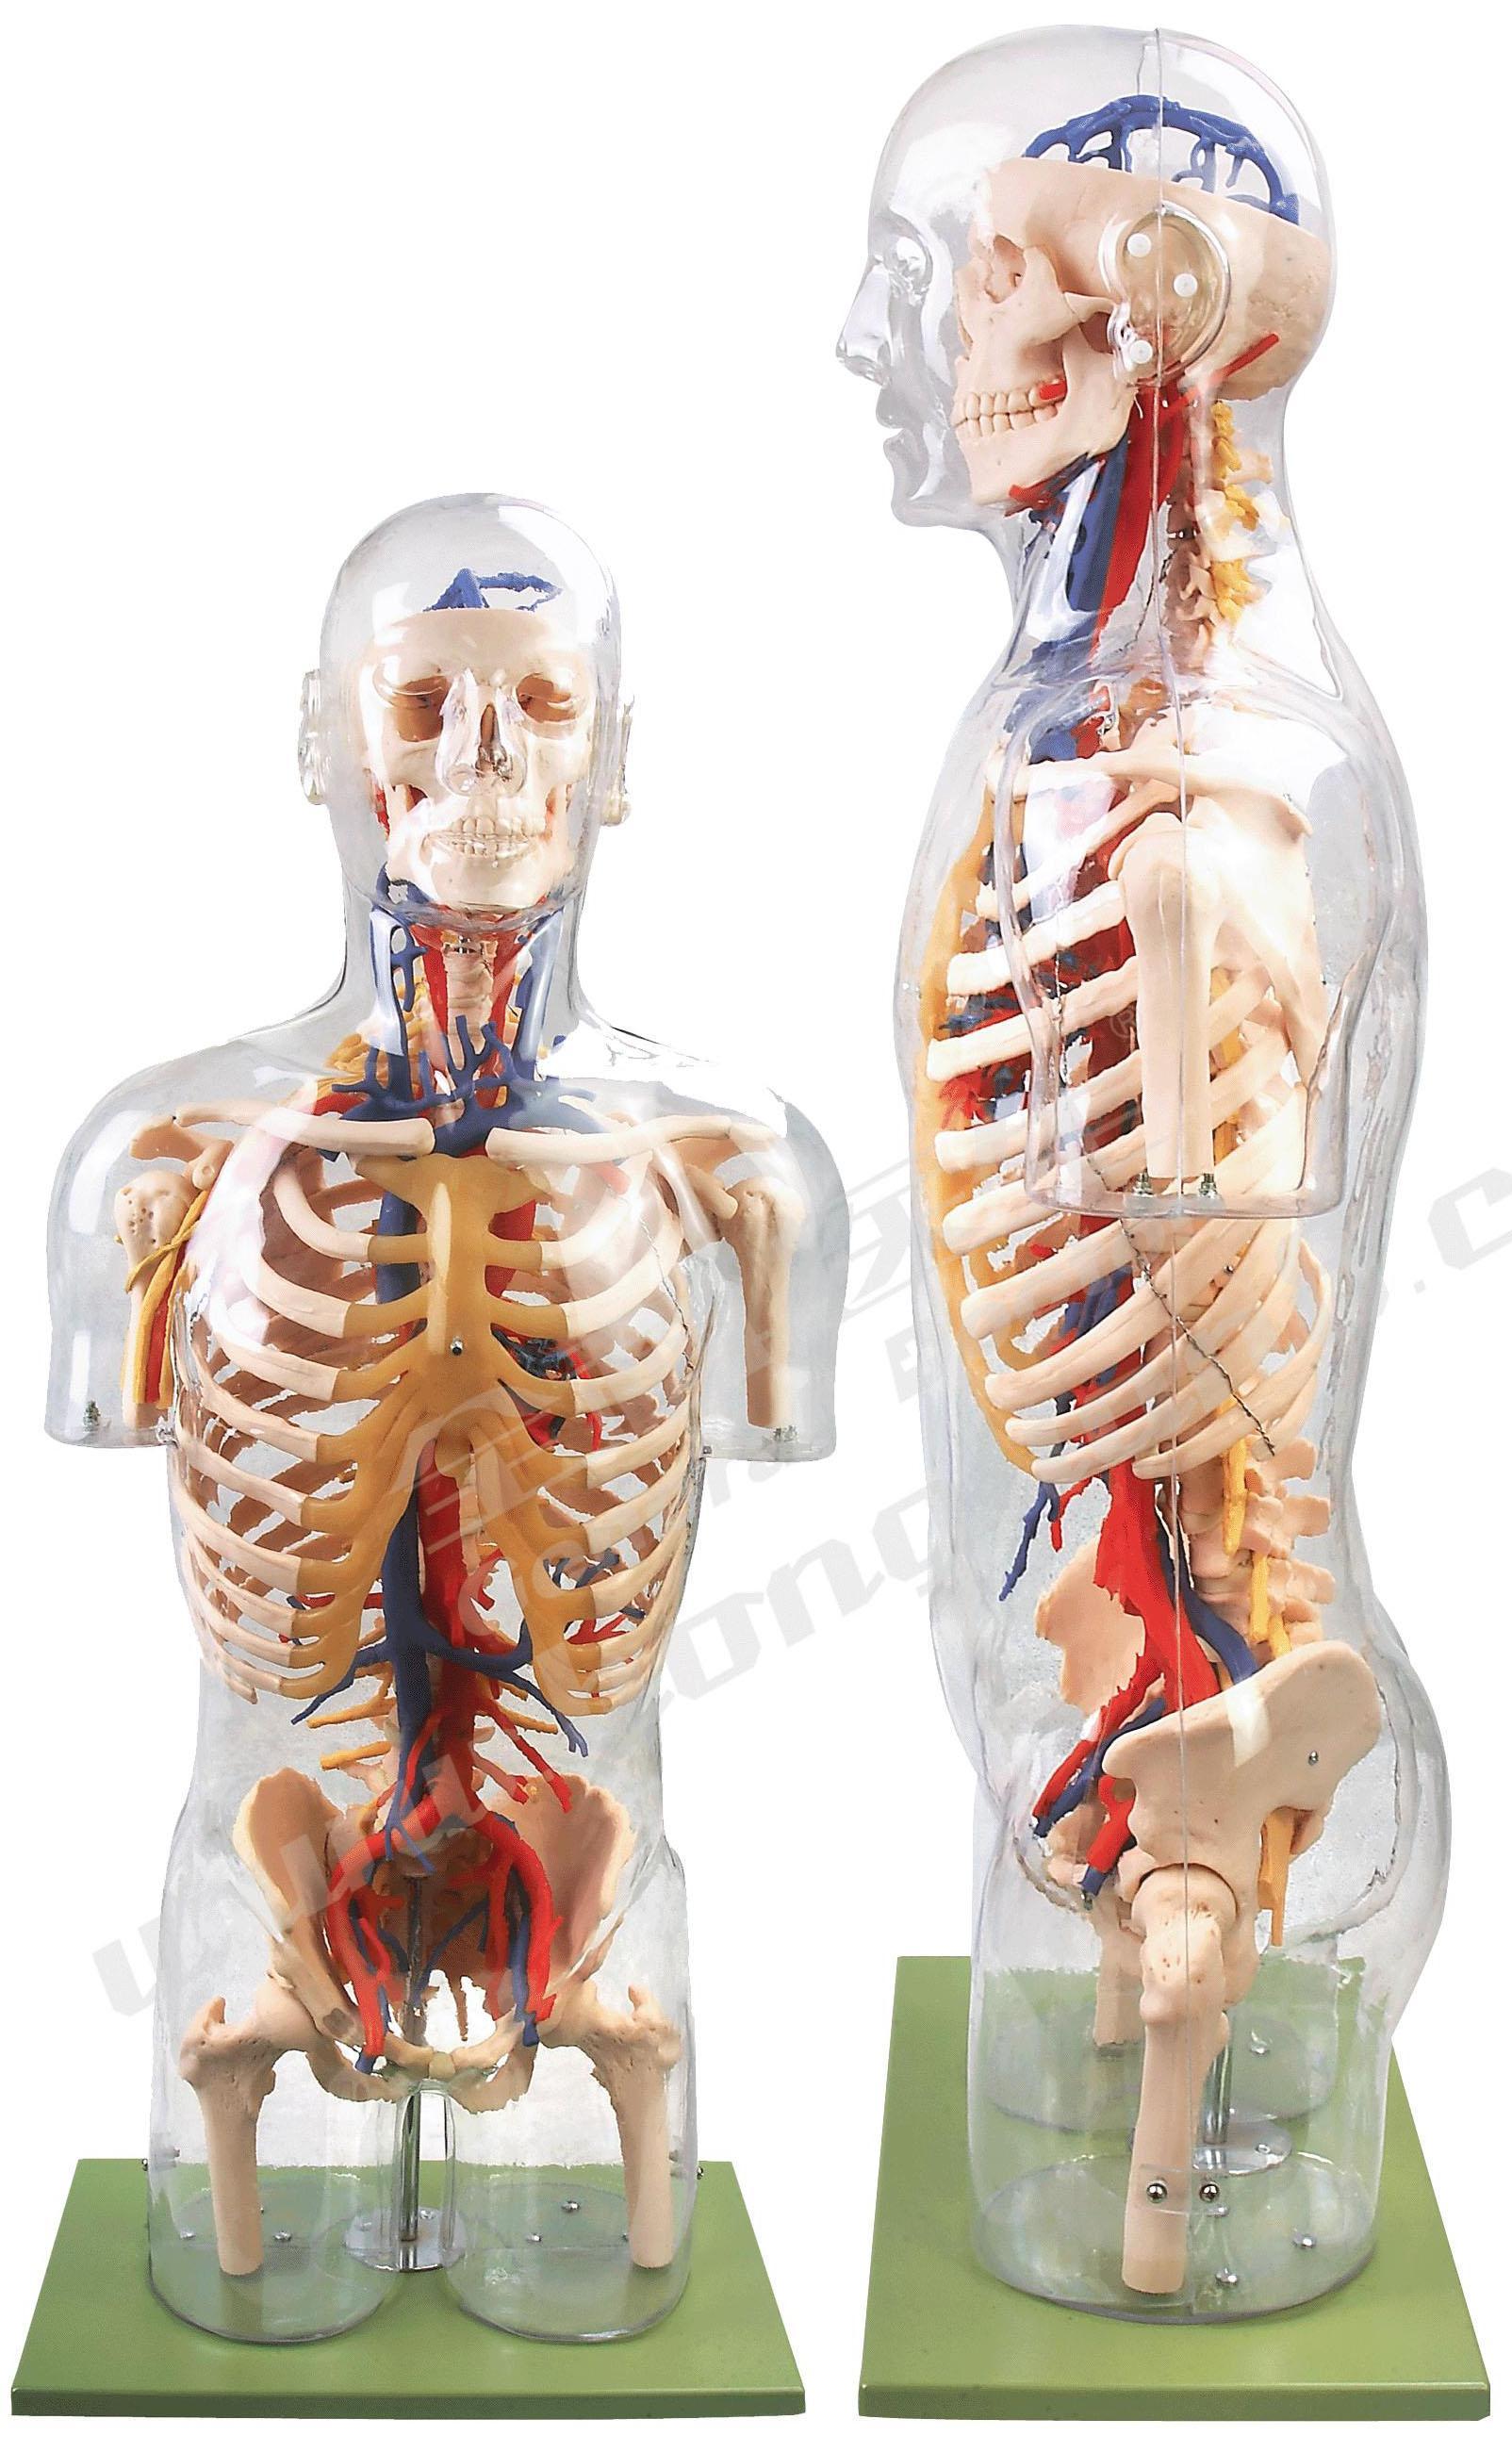 透明半身躯干附血管神经模型A10005,透明半身躯干附主要血管神经模型